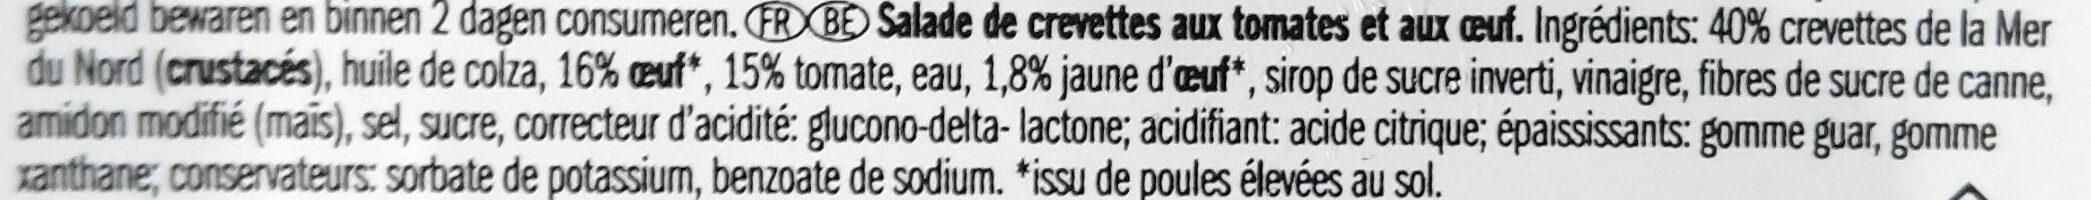 Salade tomates-crevettes - Ingrediënten - fr